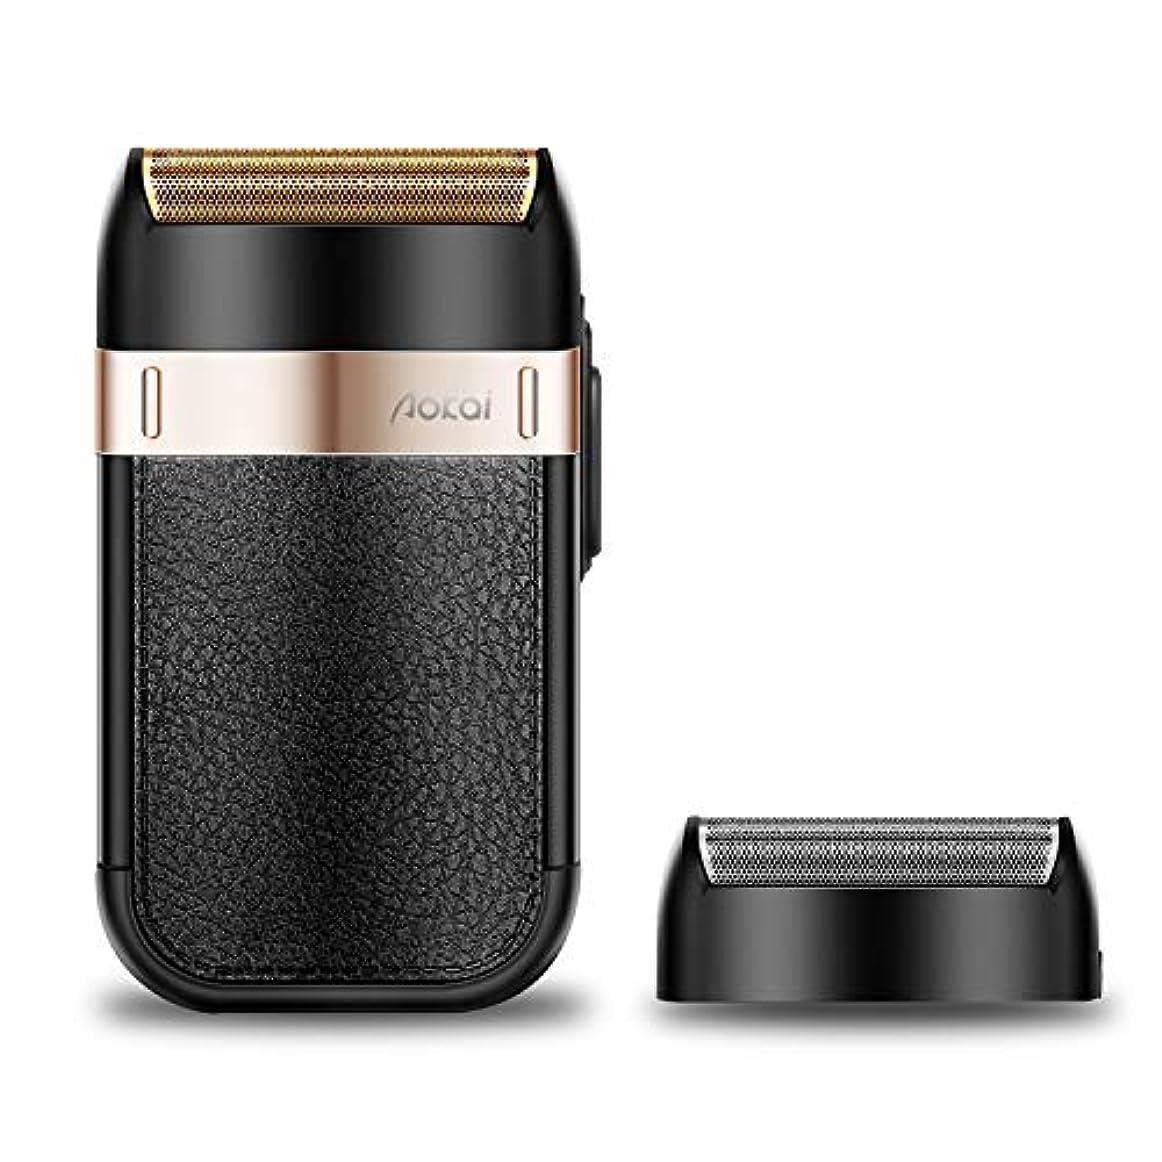 才能のあるパキスタンソフトウェアメンズシェーバー 充電·交流式 髭剃り 電気シェーバー 往復式 携帯ひげそり モバイル 防水基準 USB充電式 コンパクト 旅行用